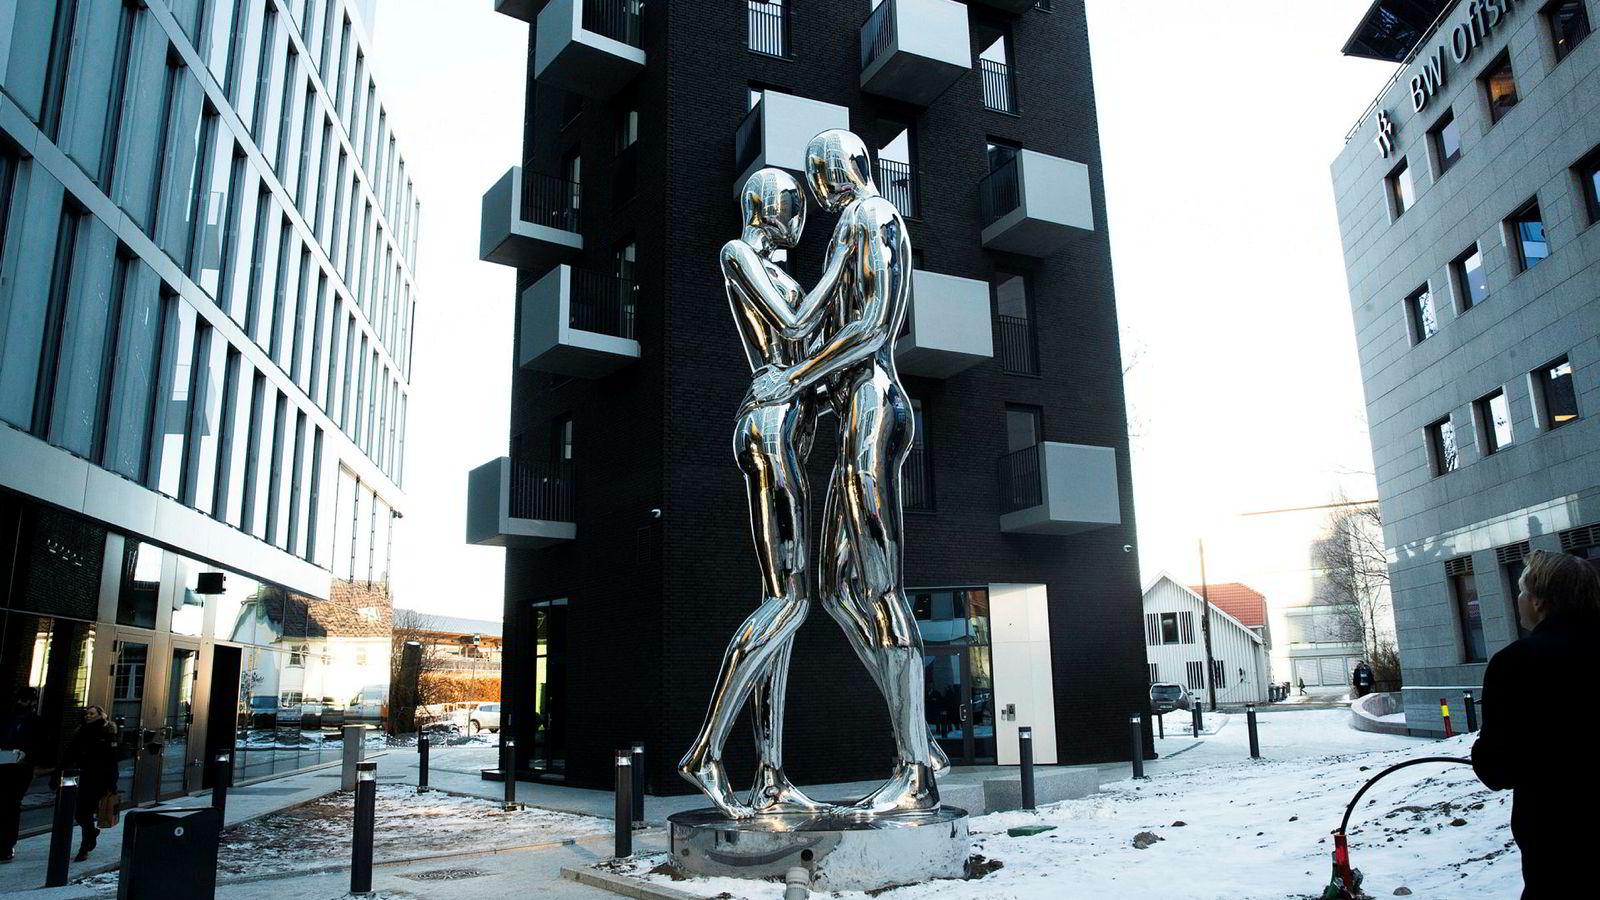 Statuen «In every lifetime I will find you» utenfor Orklas nye bygg på Skøyen.